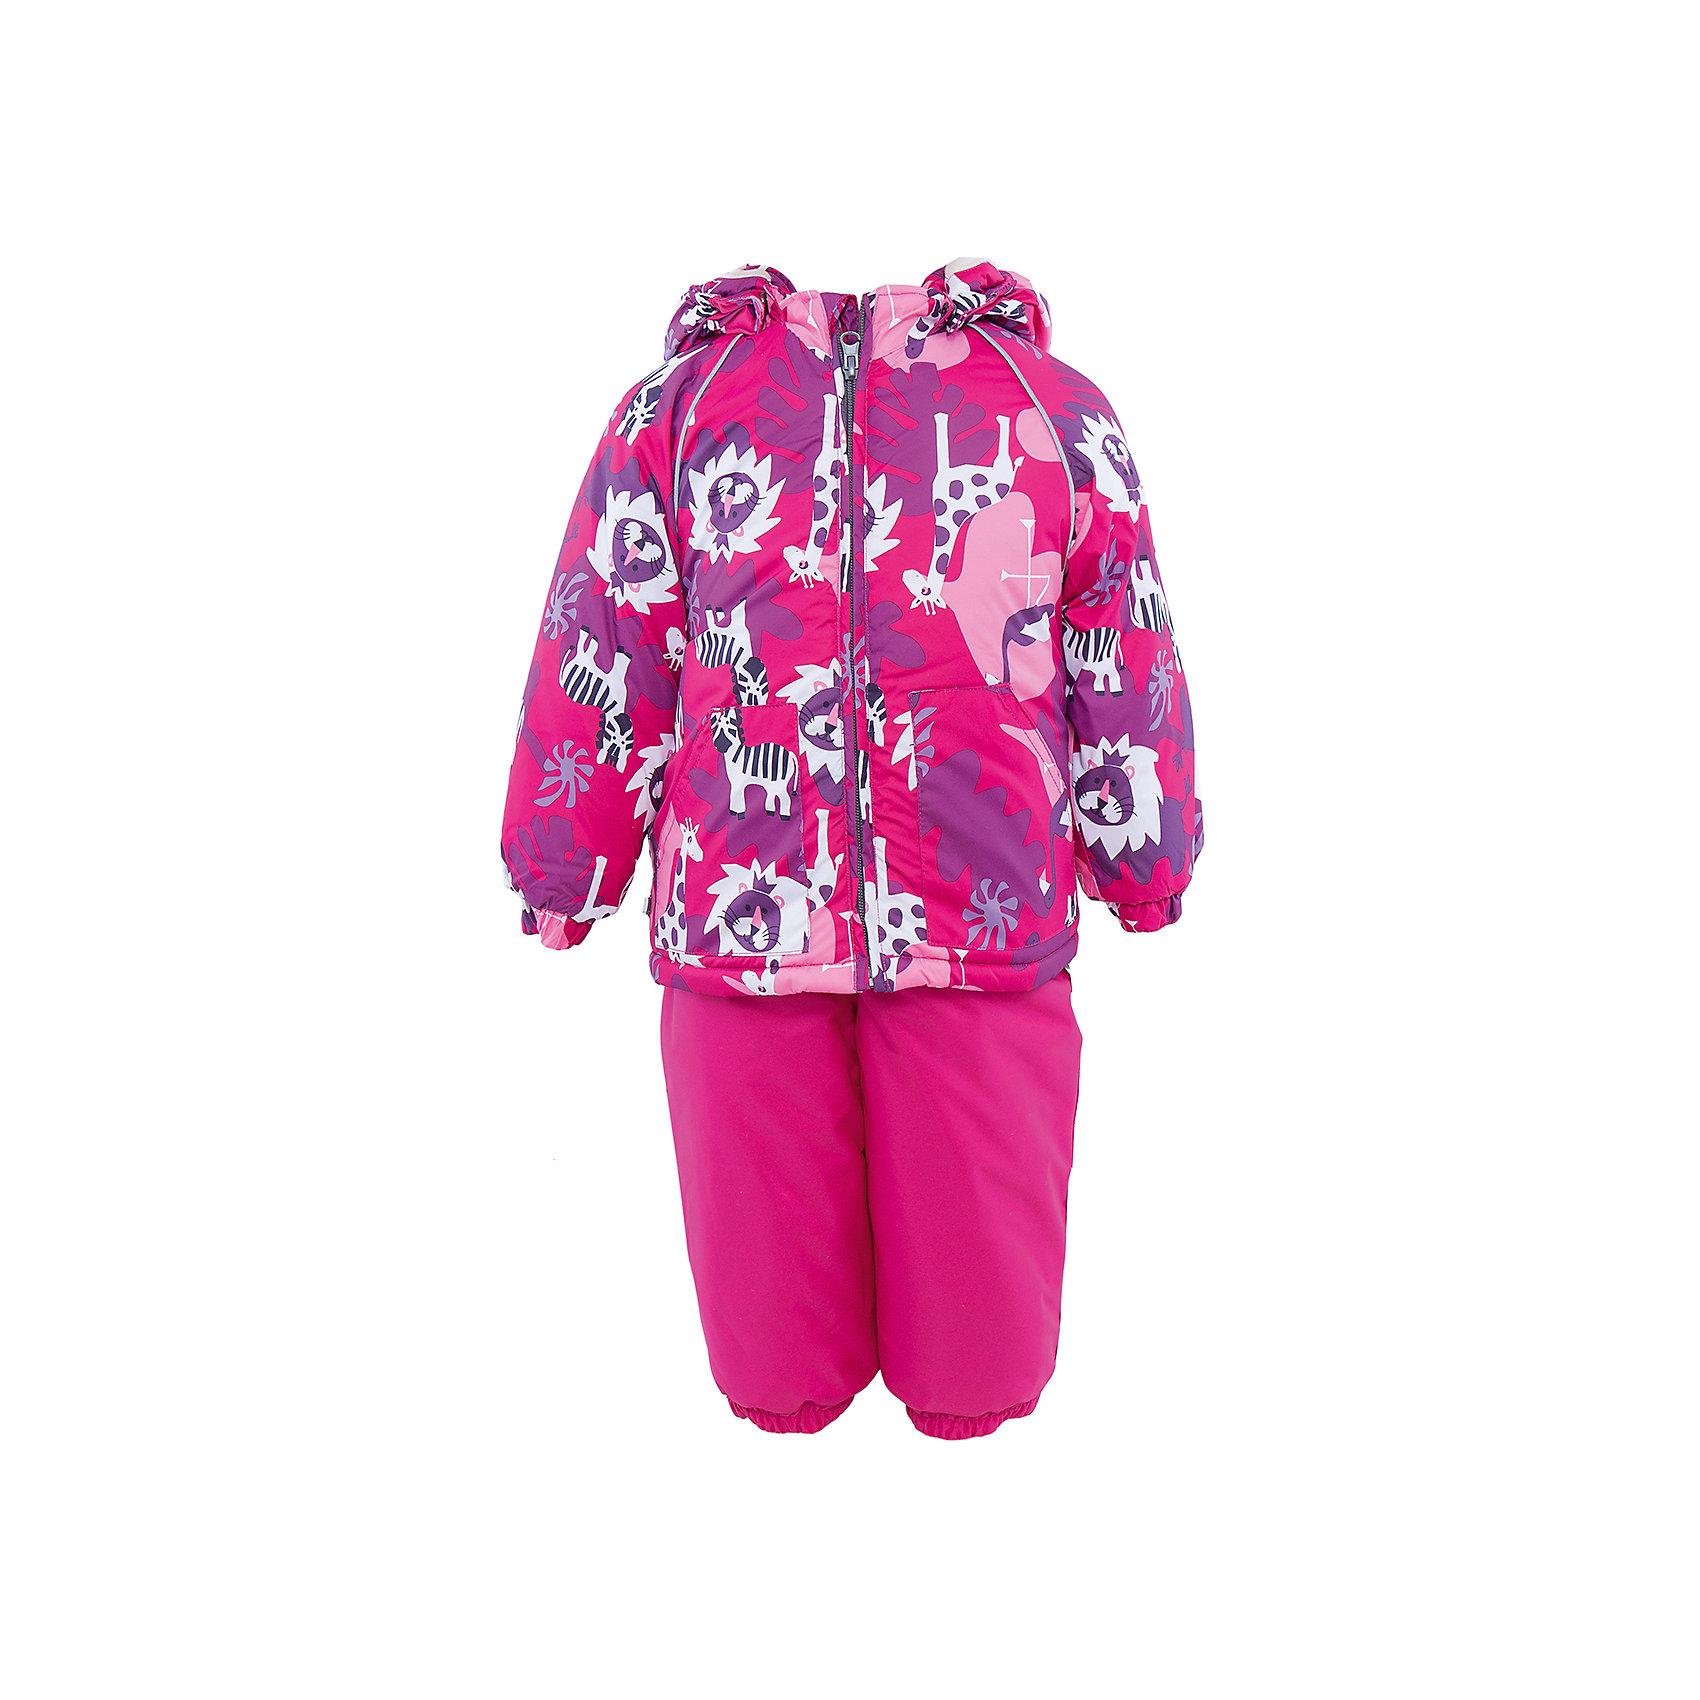 Комплект HuppaВерхняя одежда<br>Комплект из куртки и комбинезона AVERY1 Huppa(Хуппа).<br><br>Утеплитель: 100% полиэстер. Куртка – 300 гр., полукомбинезон – 160 гр.<br><br>Температурный режим: до -30 градусов. Степень утепления – высокая. <br><br>* Температурный режим указан приблизительно — необходимо, прежде всего, ориентироваться на ощущения ребенка. Температурный режим работает в случае соблюдения правила многослойности – использования флисовой поддевы и термобелья.<br><br>Отлично подойдет для зимних прогулок. Комбинезон имеет подтяжки и резинки на талии и манжетах. Куртка с капюшоном и резинками на манжетах имеет необычный дизайн и принт со зверюшками.<br><br>Особенности:<br>-плотная дышащая и водоотталкивающая мембрана<br>-водонепроницаемый<br>-мягкая фланелевая подкладка<br>-водостойкая лента на швах<br>-высокая прочность<br>-светоотражающие элементы<br>-съемный капюшон <br><br>Дополнительная информация:<br>Материал: 100% полиэстер<br>Подкладка: фланель - 100% хлопок<br>Цвет: фуксия<br><br>Вы можете приобрести комплект AVERY1 Huppa(Хуппа) в нашем интернет-магазине.<br><br>Ширина мм: 356<br>Глубина мм: 10<br>Высота мм: 245<br>Вес г: 519<br>Цвет: розовый<br>Возраст от месяцев: 12<br>Возраст до месяцев: 15<br>Пол: Женский<br>Возраст: Детский<br>Размер: 80,104,86,92,98<br>SKU: 4928804